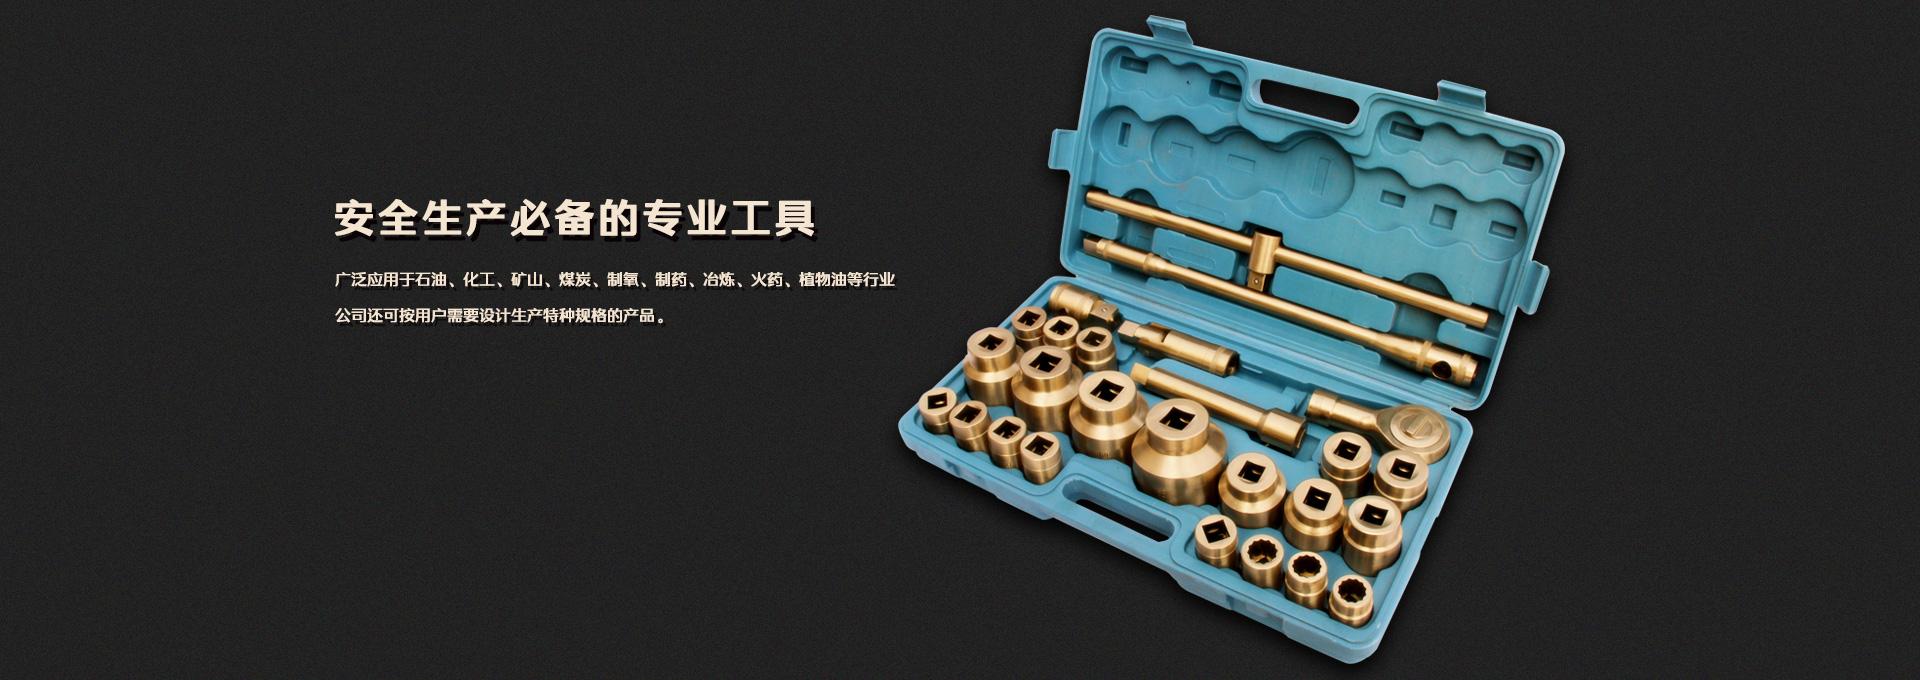 安全生产必备的专业工具